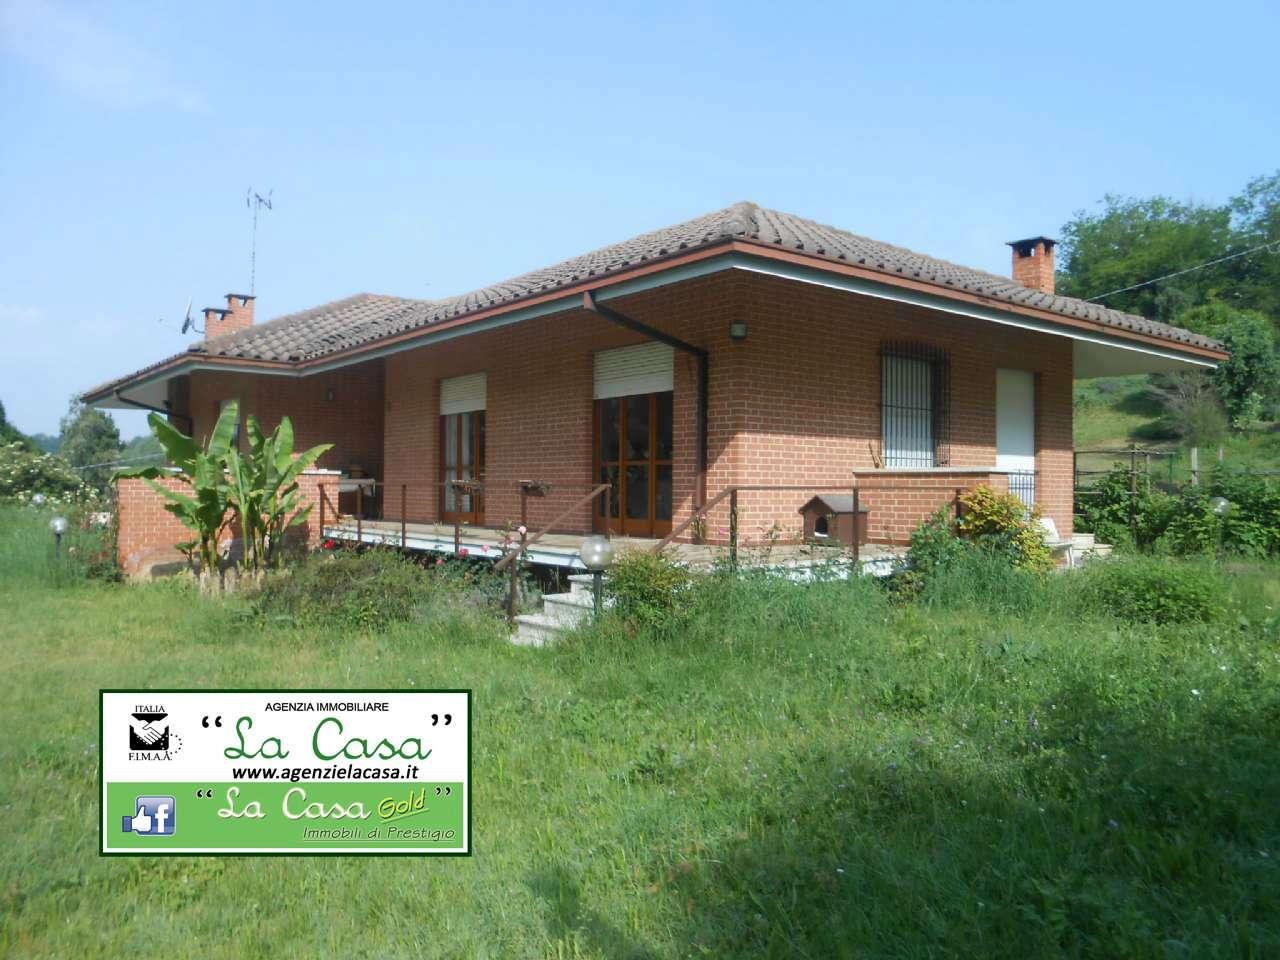 Villa in vendita a Montafia, 10 locali, prezzo € 159.000 | CambioCasa.it